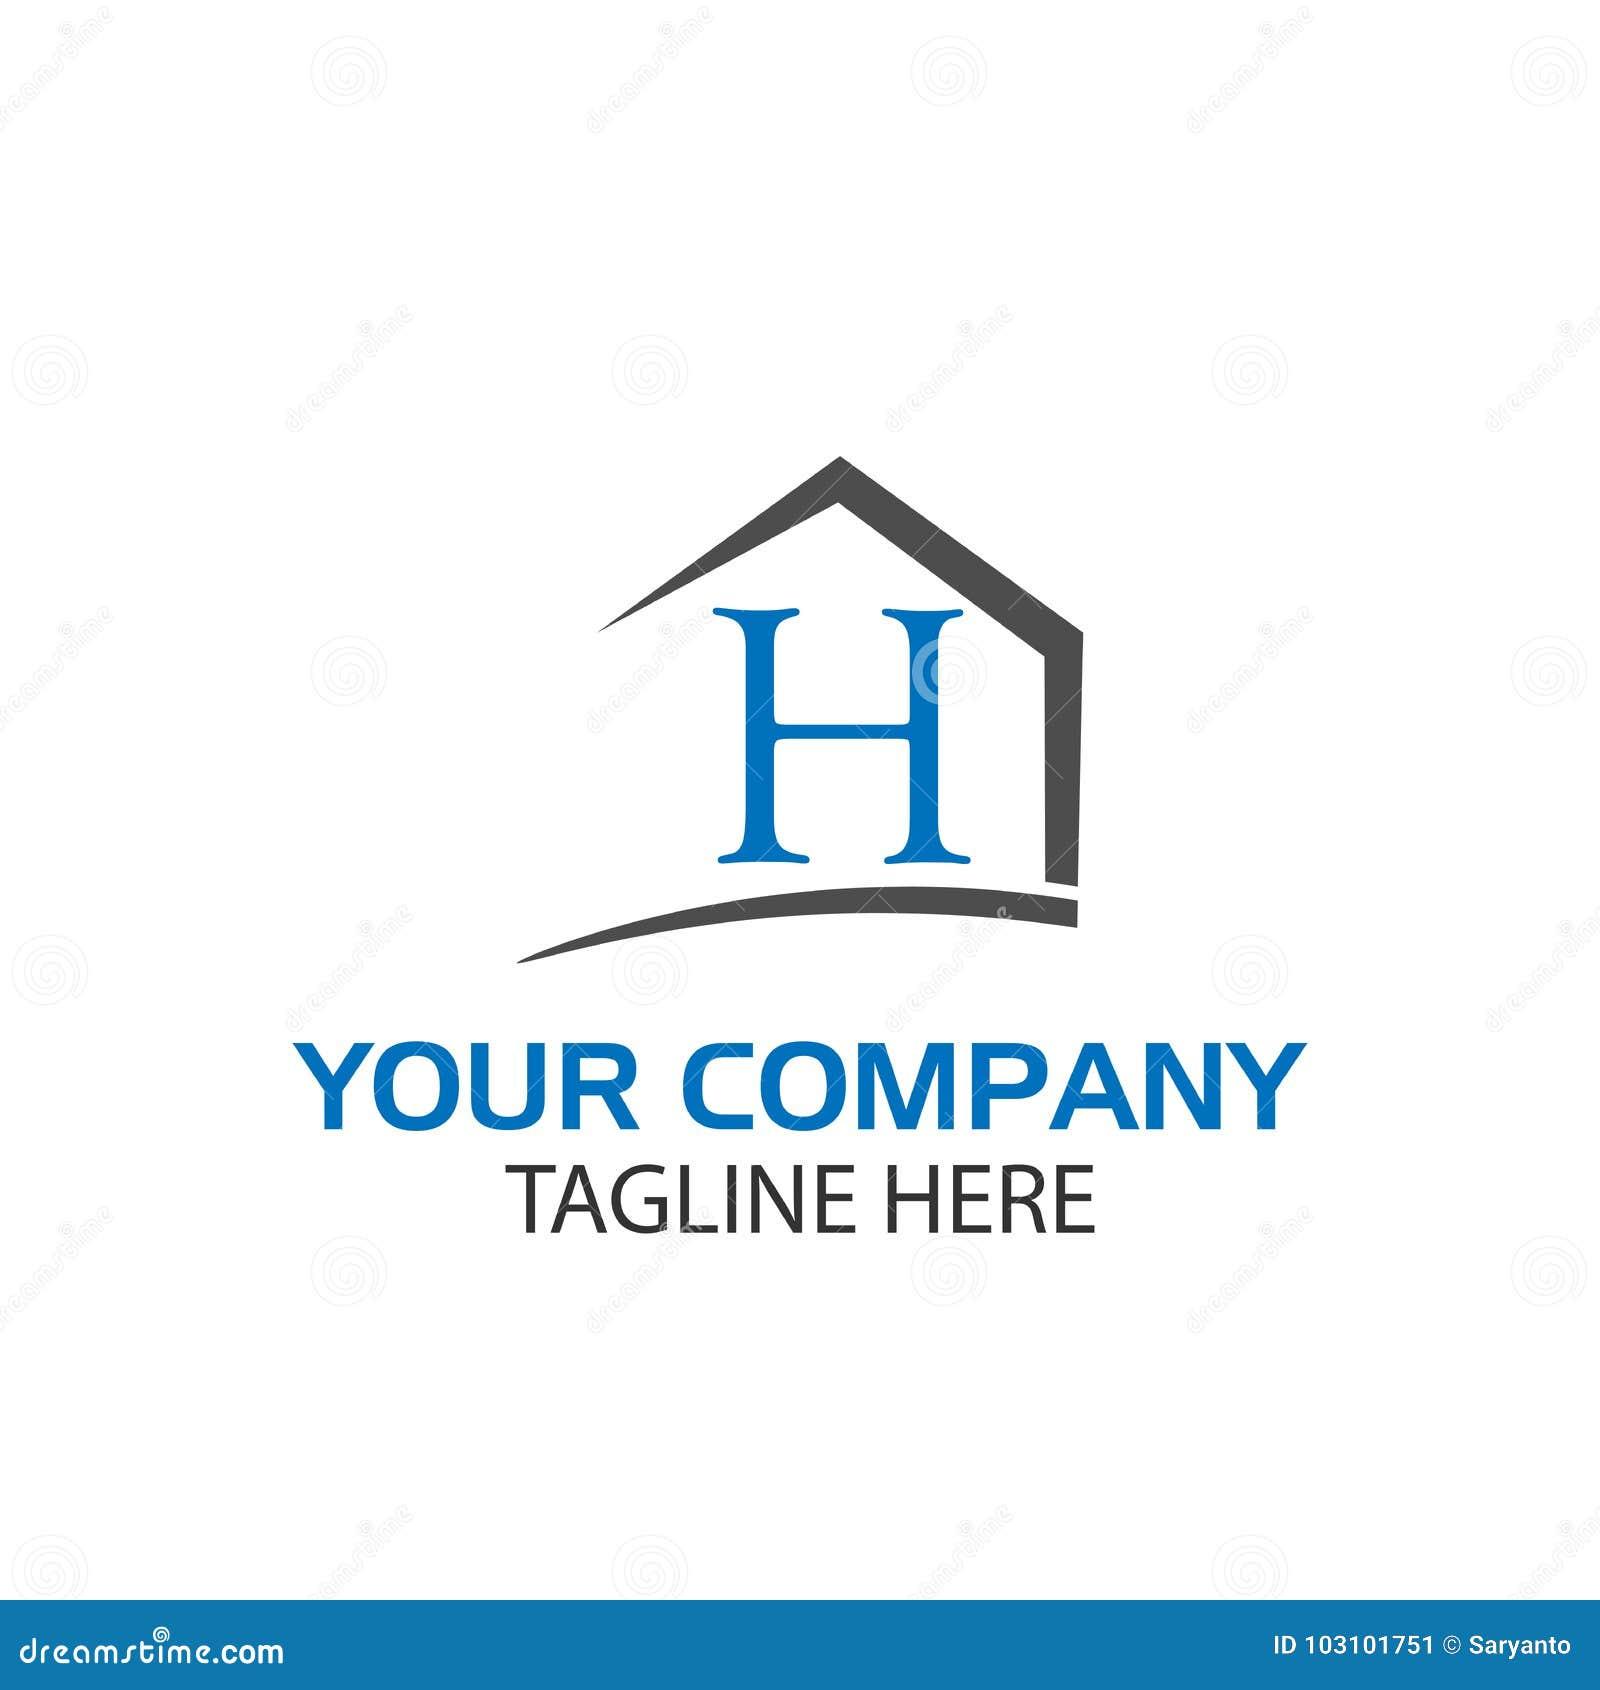 House resembling letter H